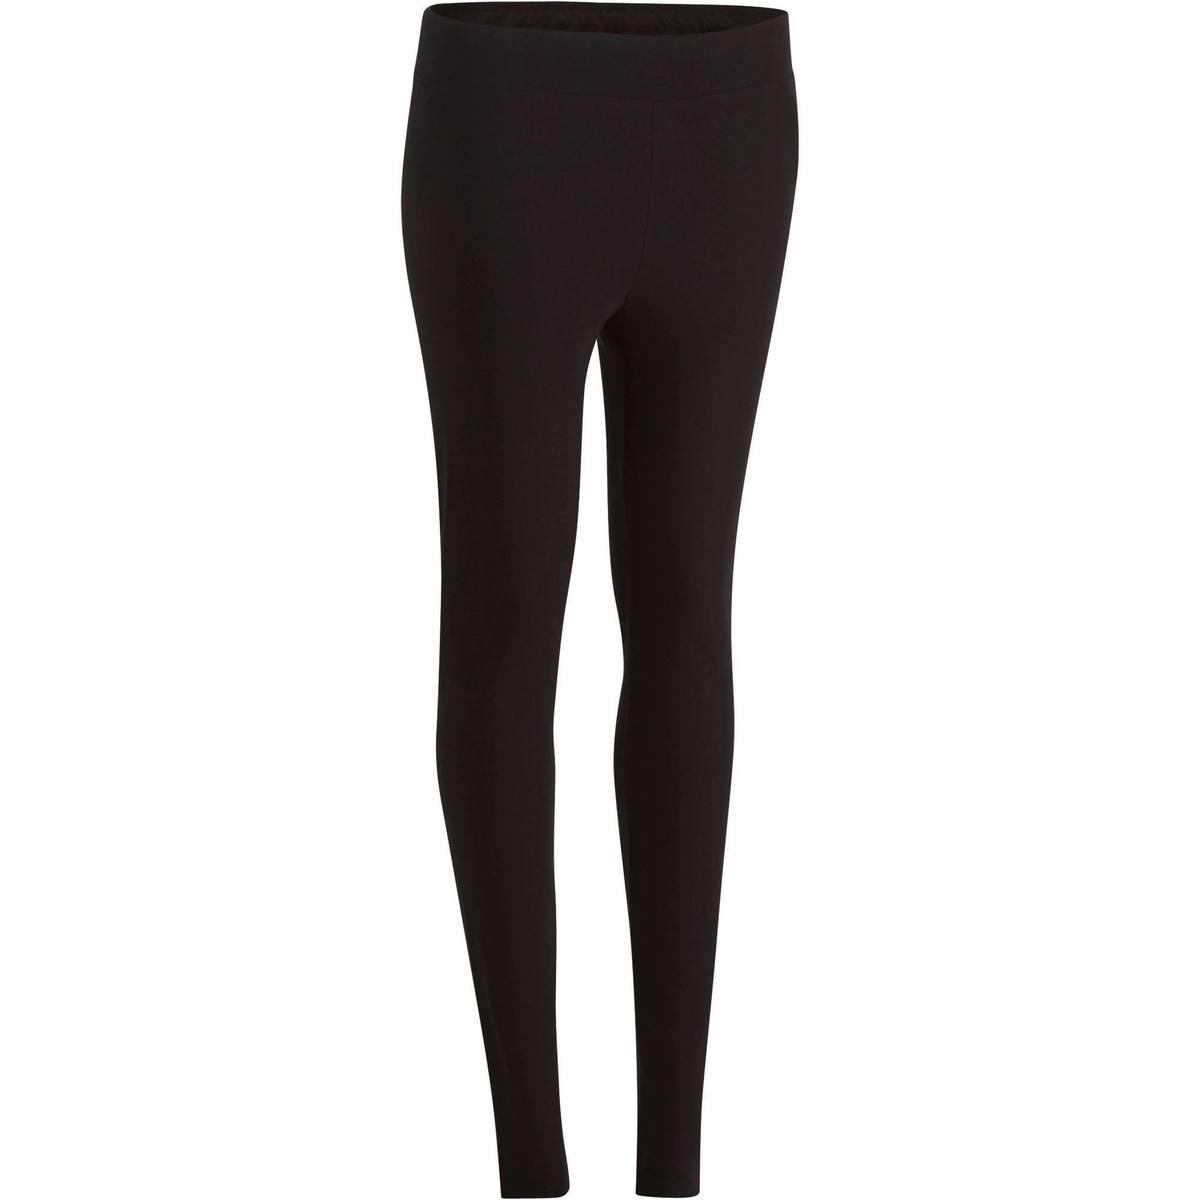 Bild 1 von Leggings Fit+500 Slim Gym & Pilates Damen schwarz